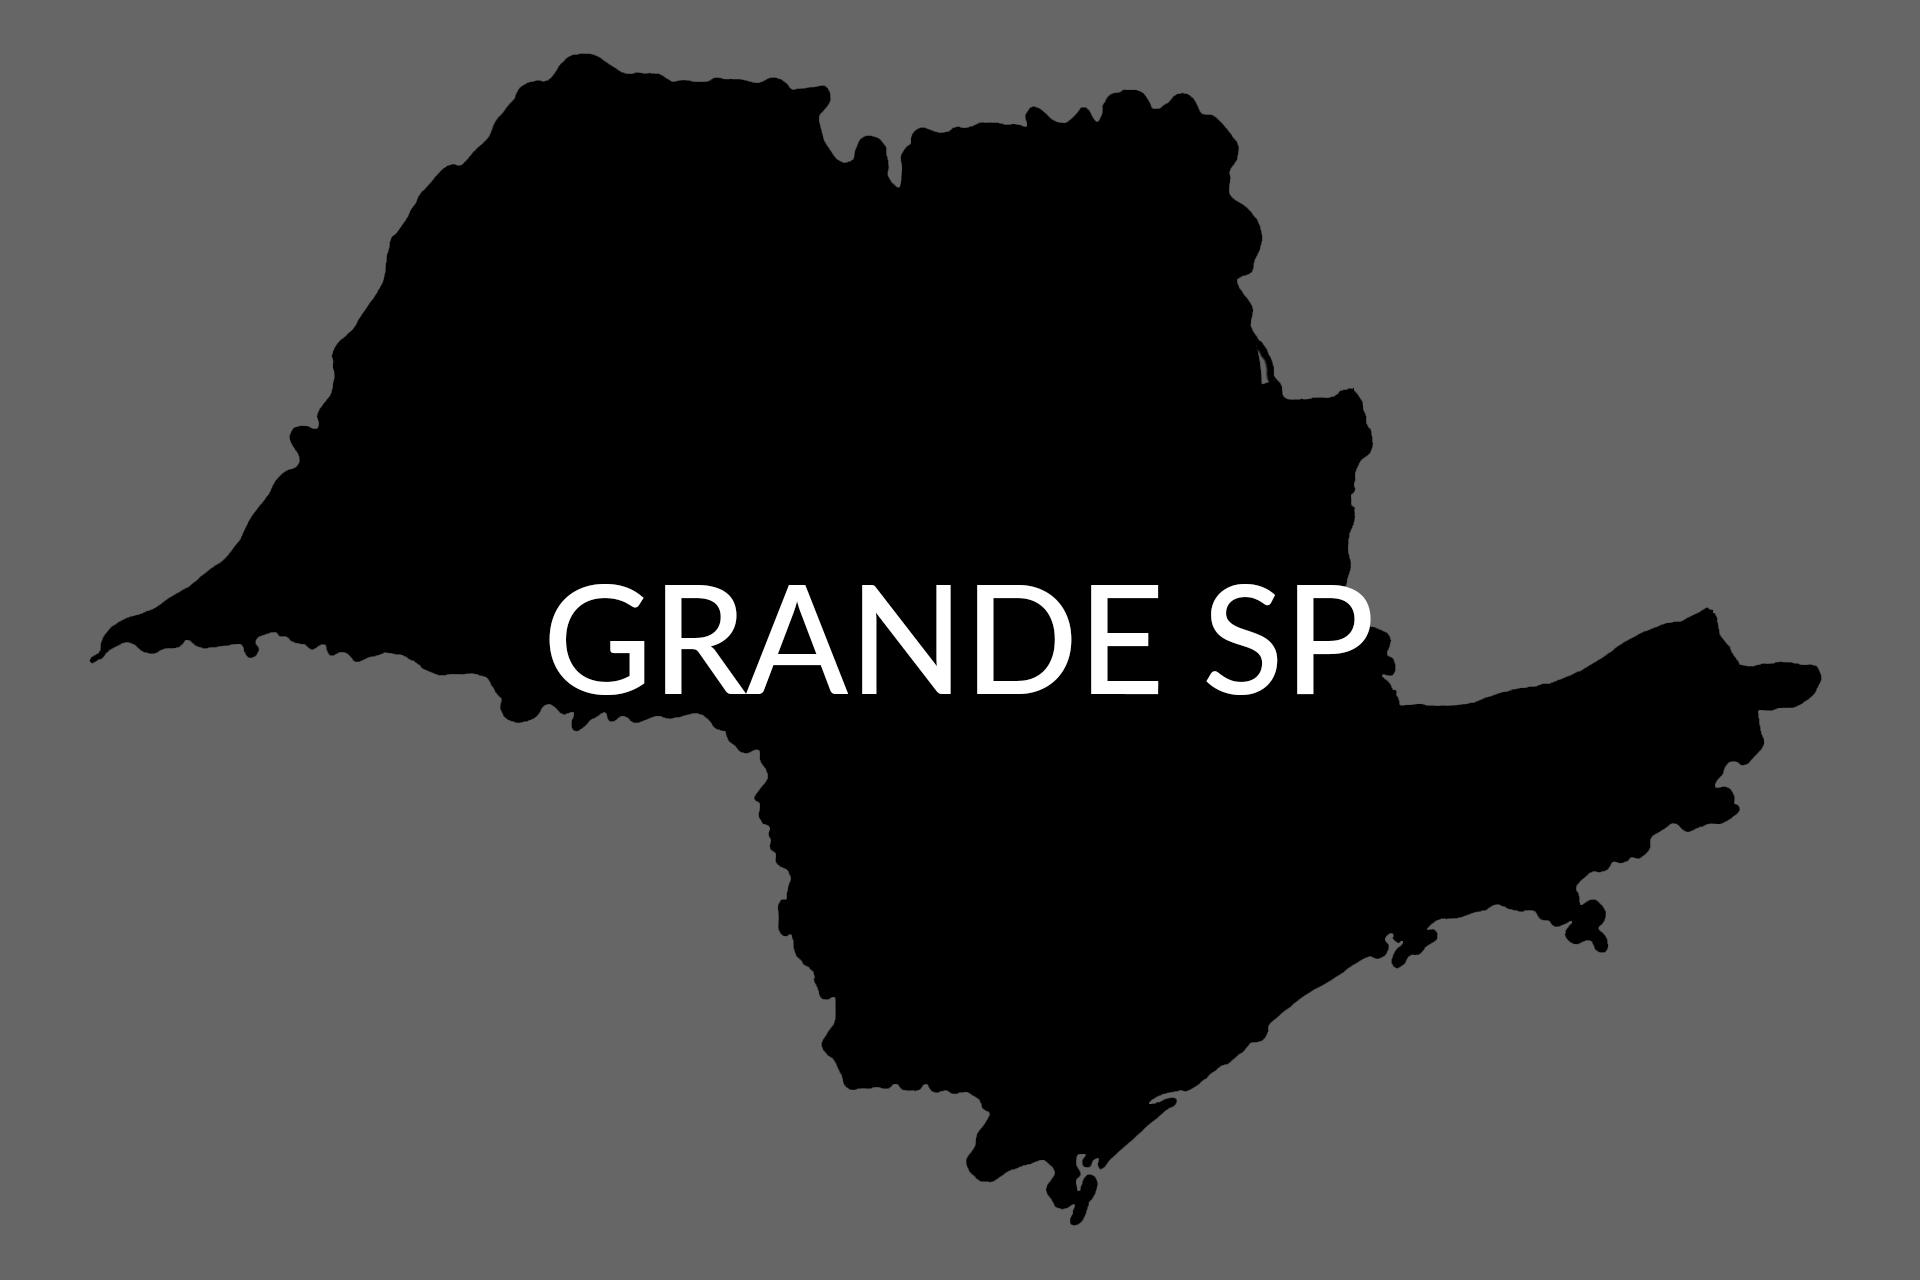 GRANDE SP